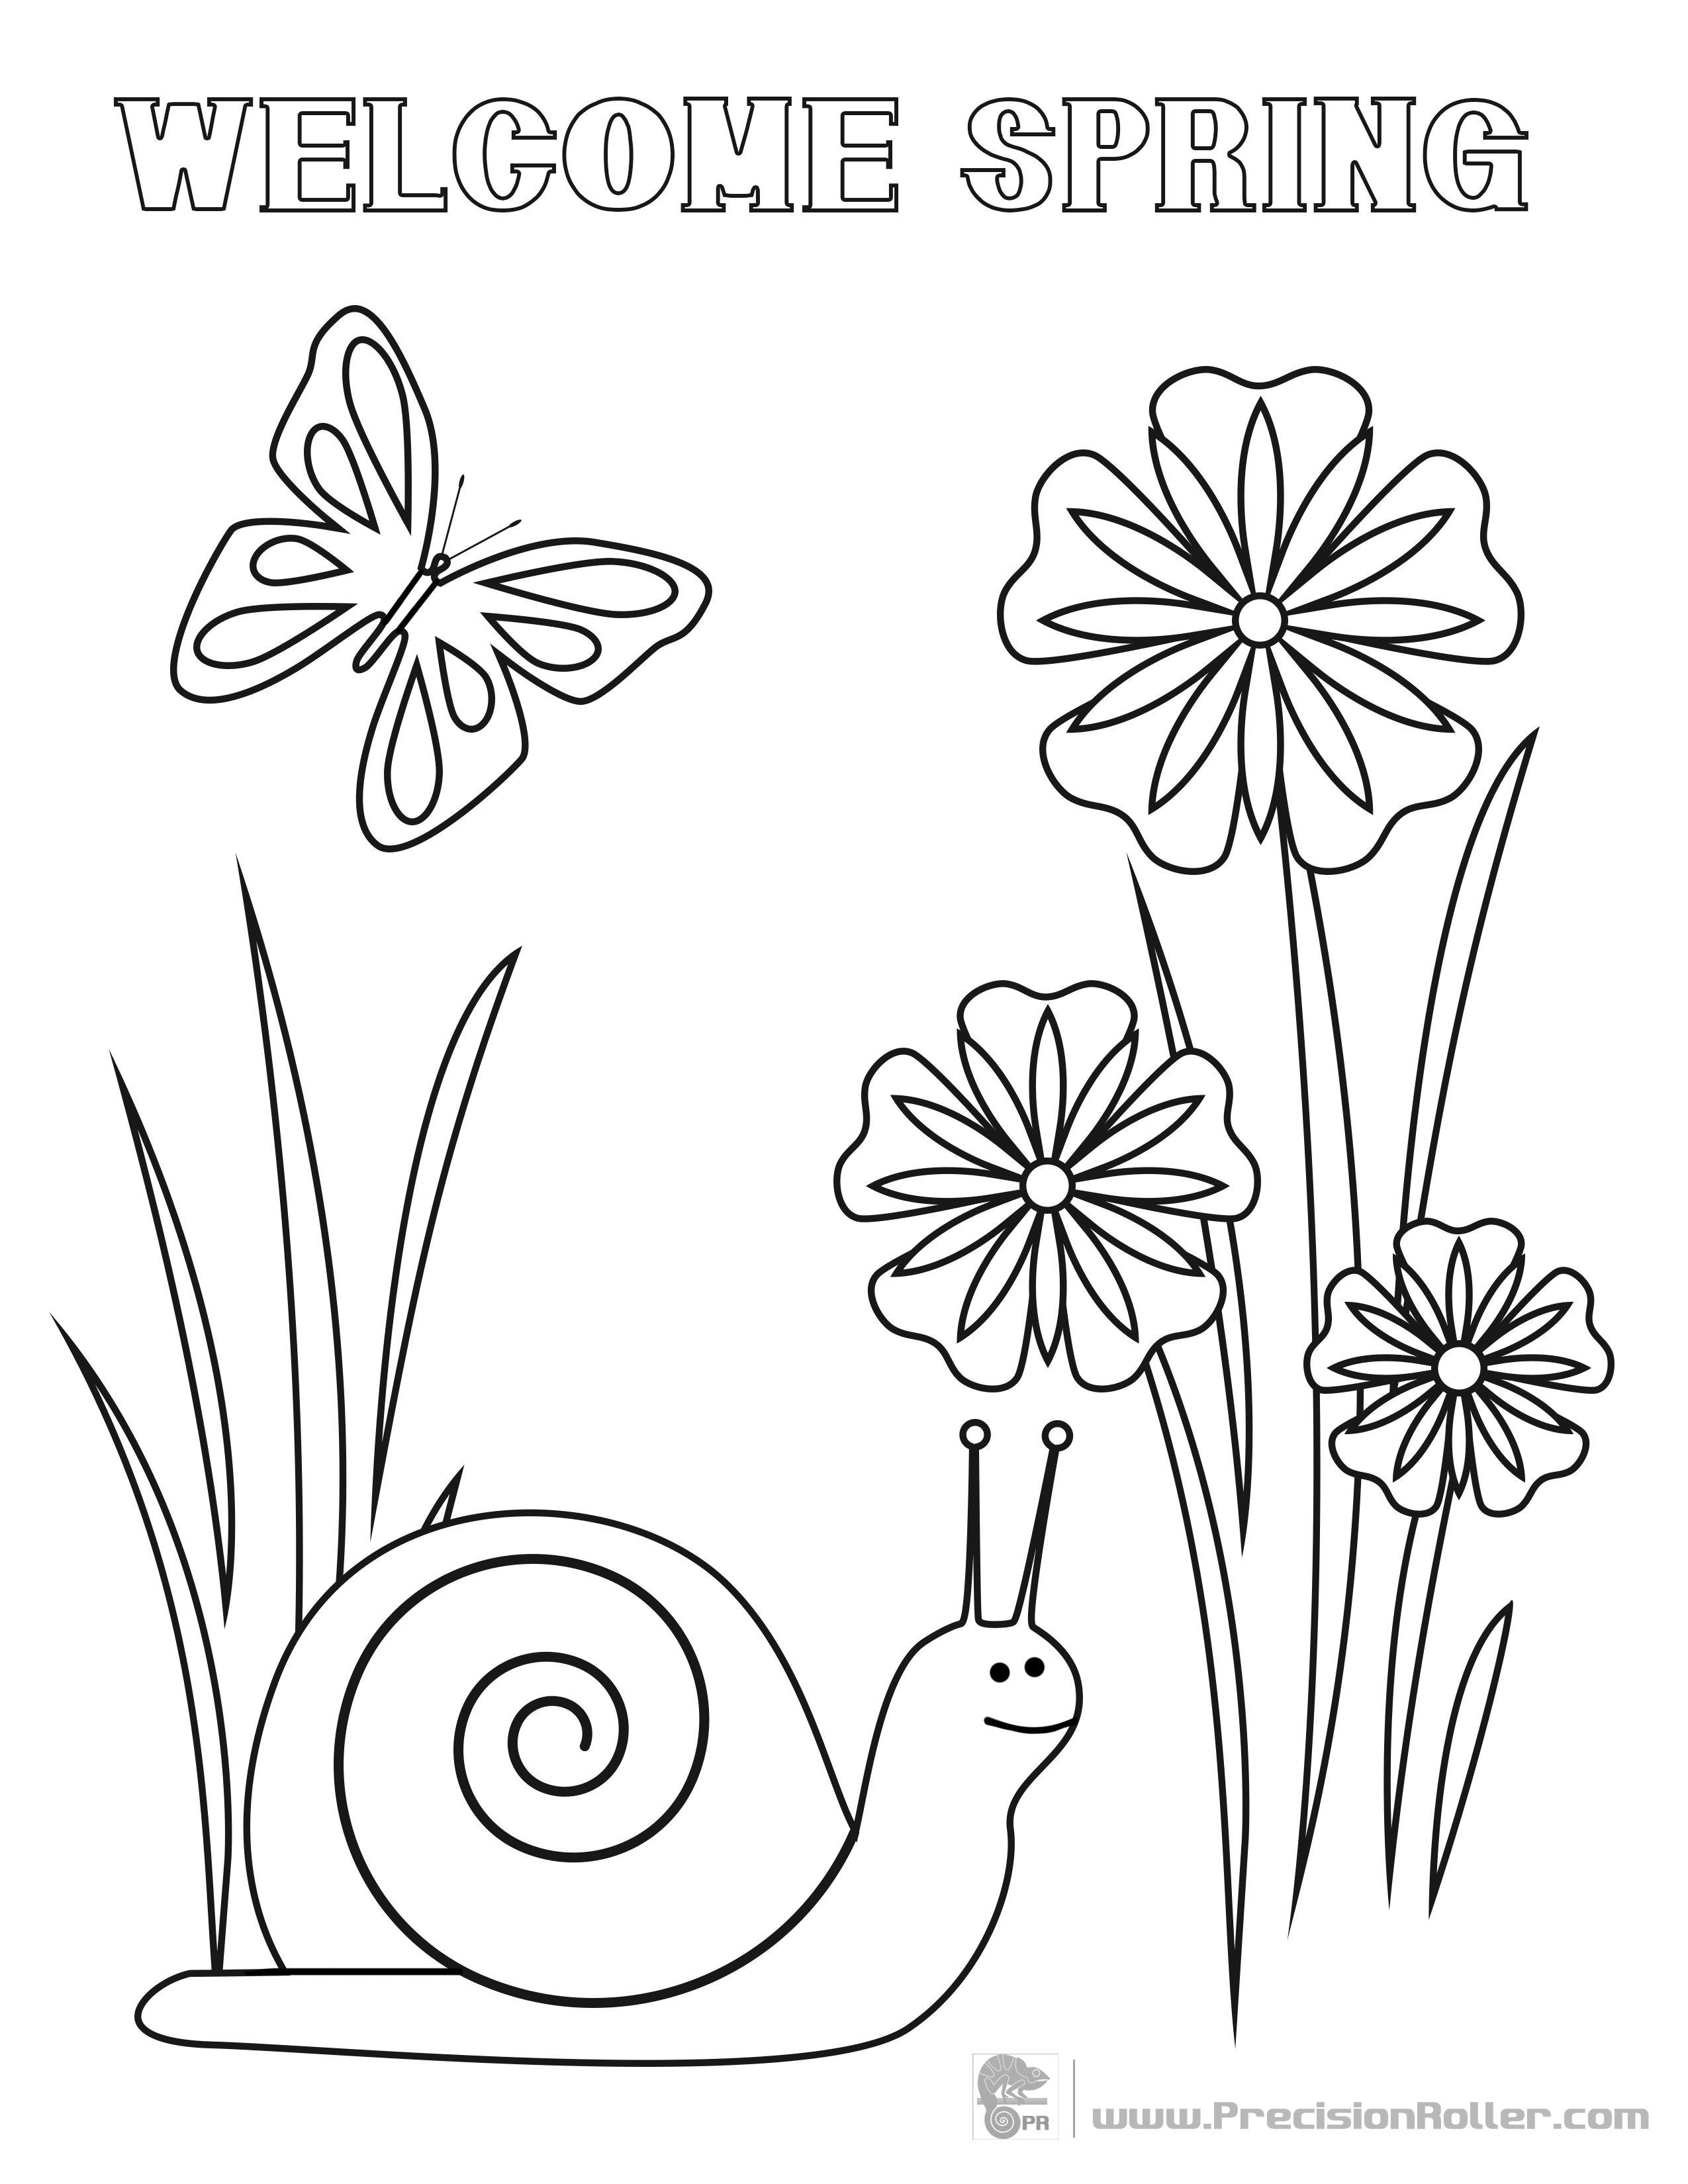 Spring Coloring Sheet